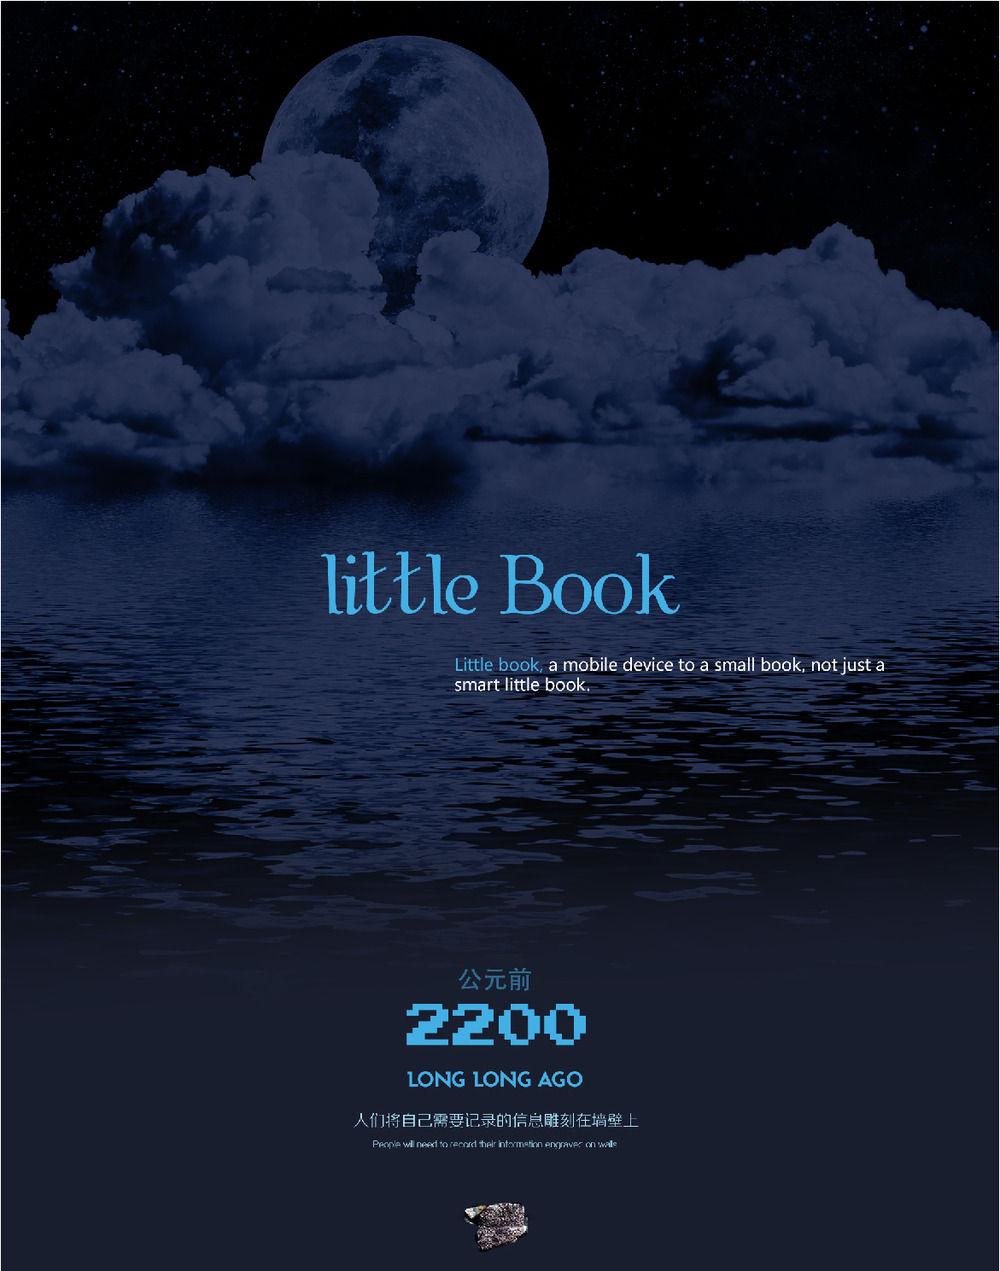 littlebook-01.jpg